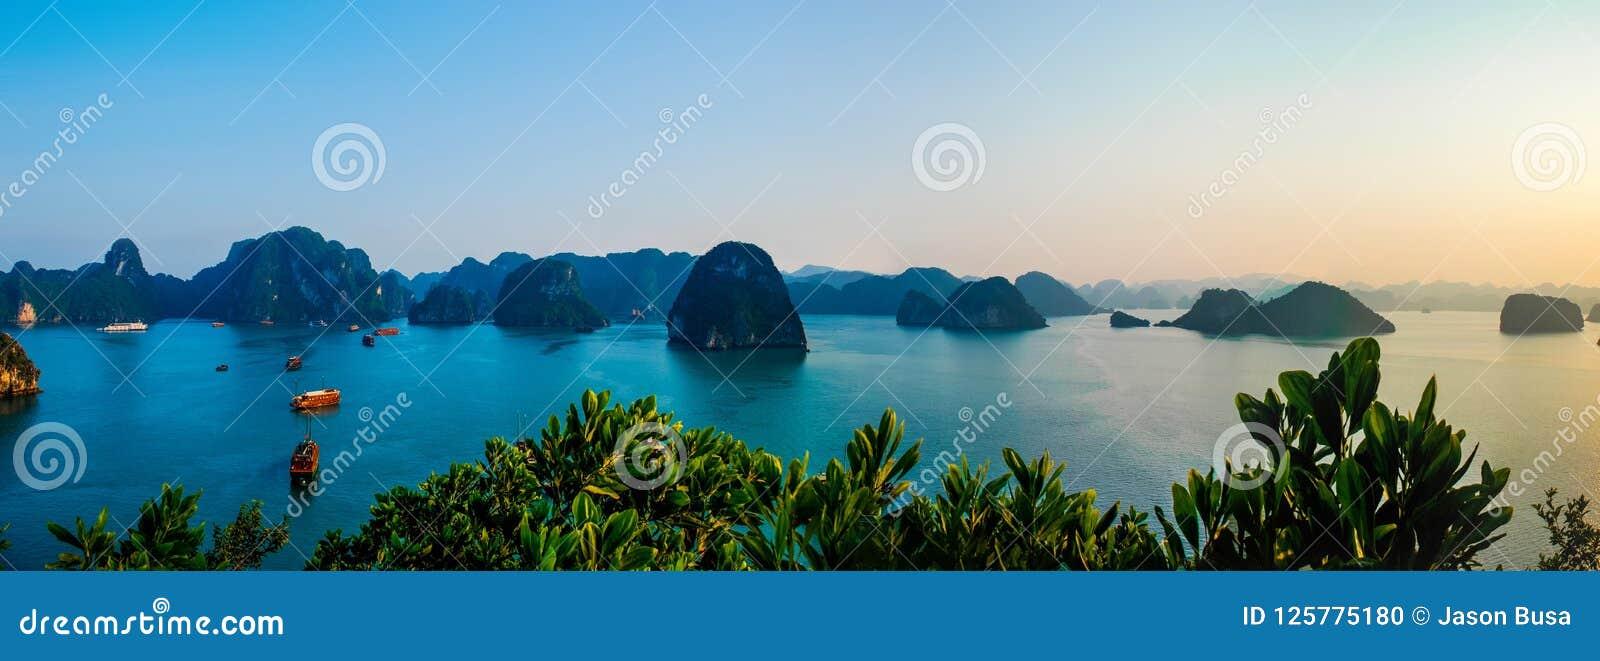 Vista panorámica de los barcos que flotan en las aguas tranquilas de la bahía Vietnam de Halong en la puesta del sol